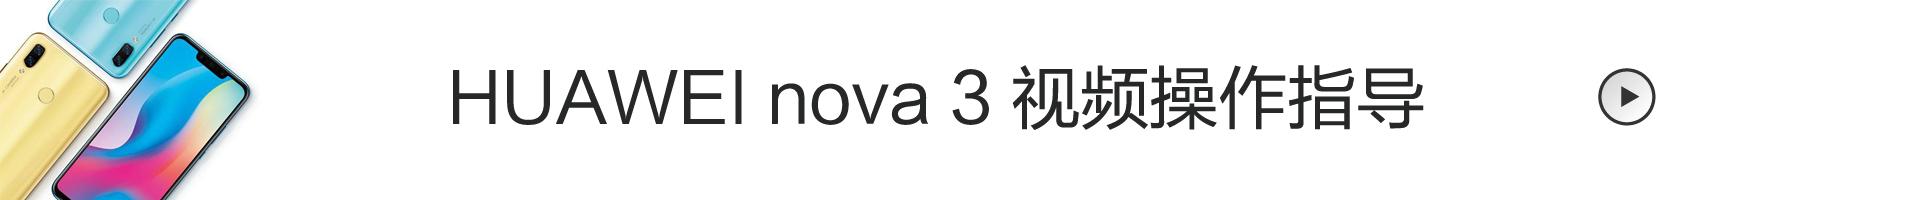 华为商城-华为nova3-1920版本.jpg